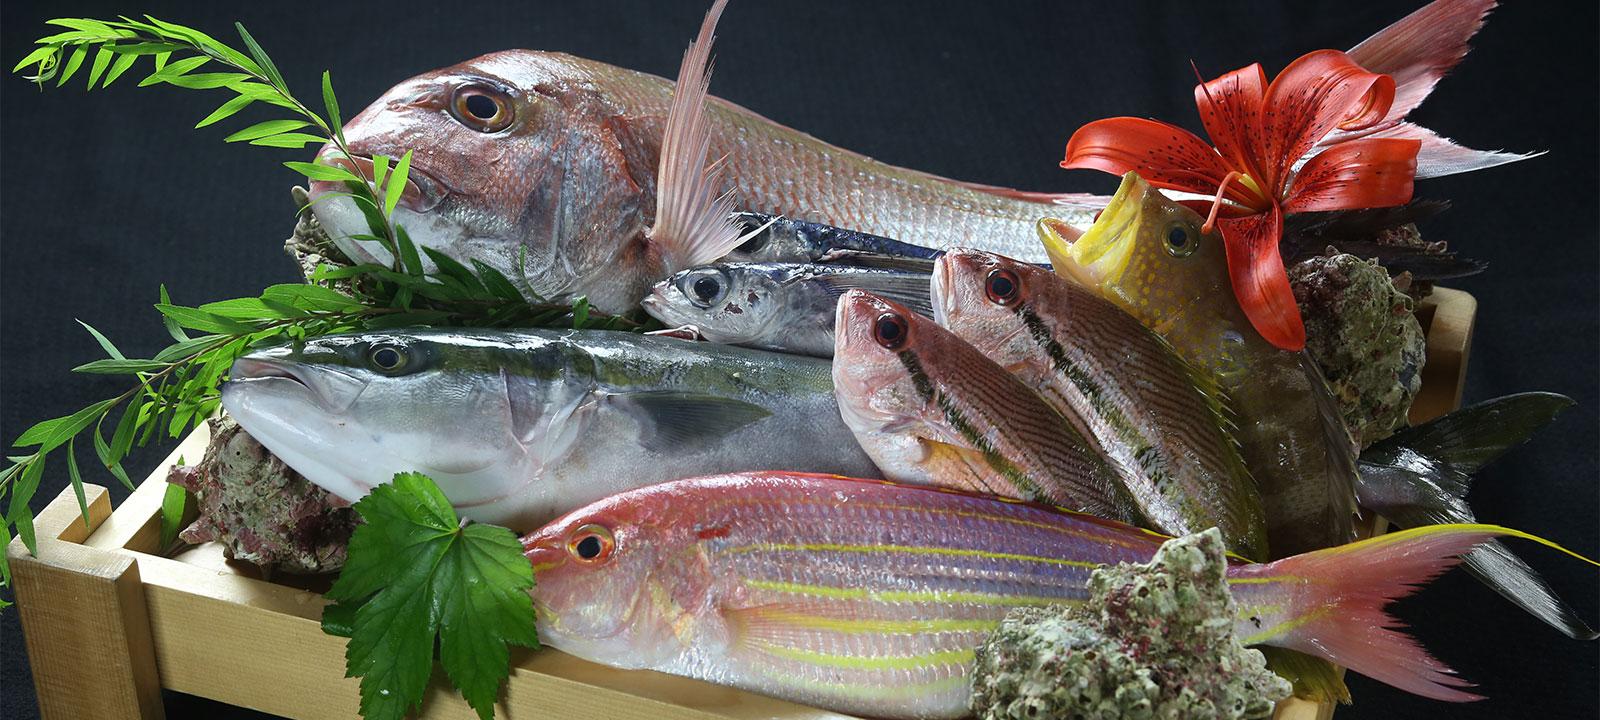 浜田港で仕入れた新鮮な魚